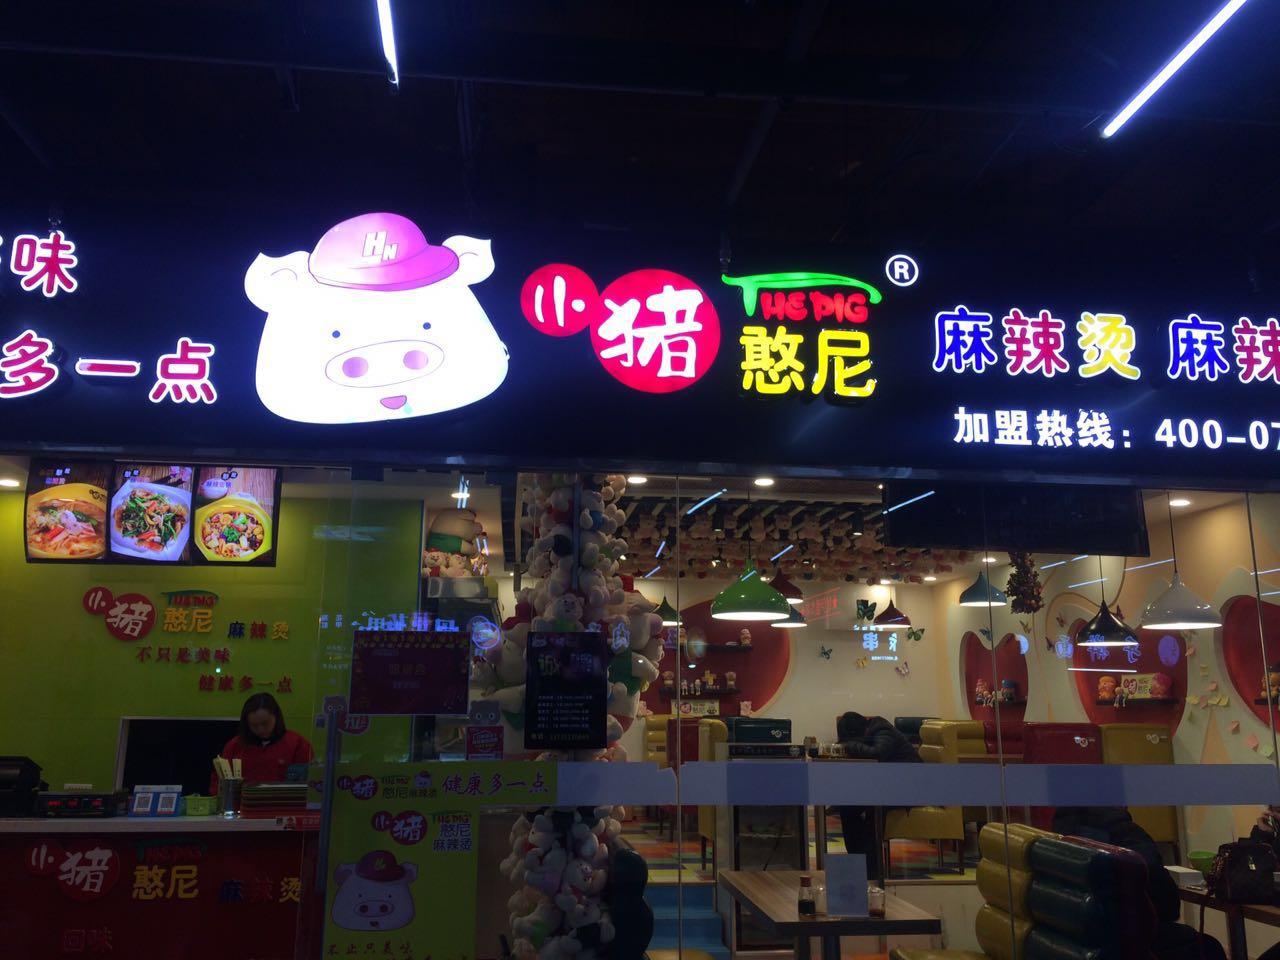 小猪憨尼麻辣烫麻辣香锅(广安店)